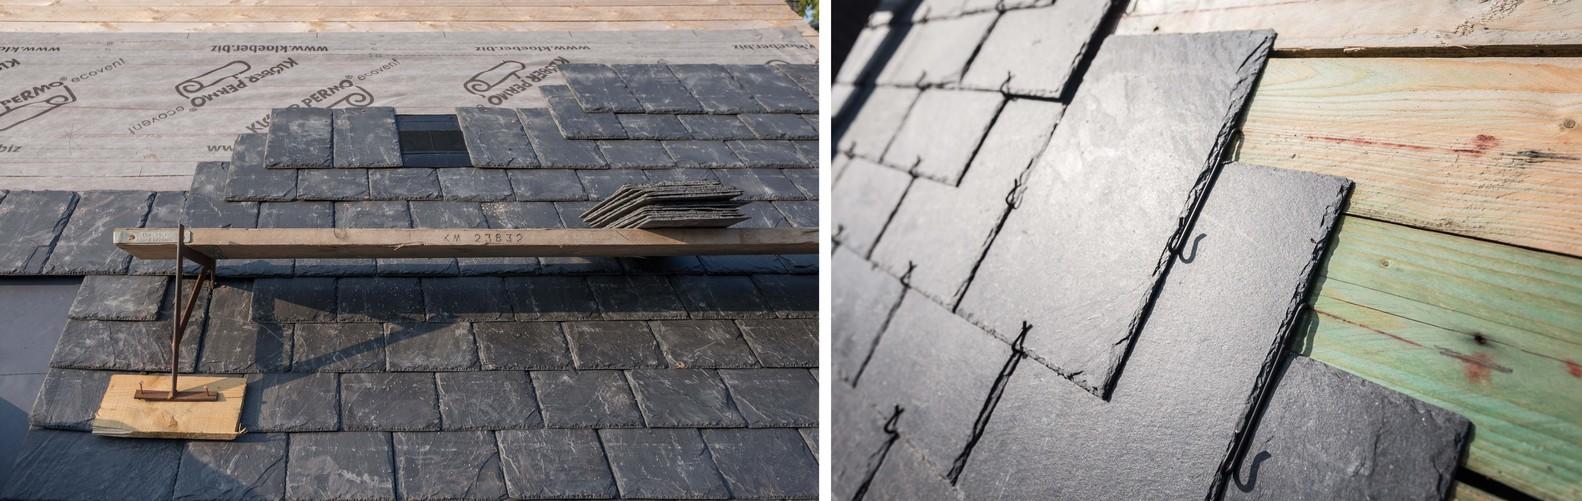 10 tipos de techos y las posibilidades de las cubiertas de pizarra,Tipos de instalação: Pregos / Ganchos. Image Cortesia de Cupa Pizarras